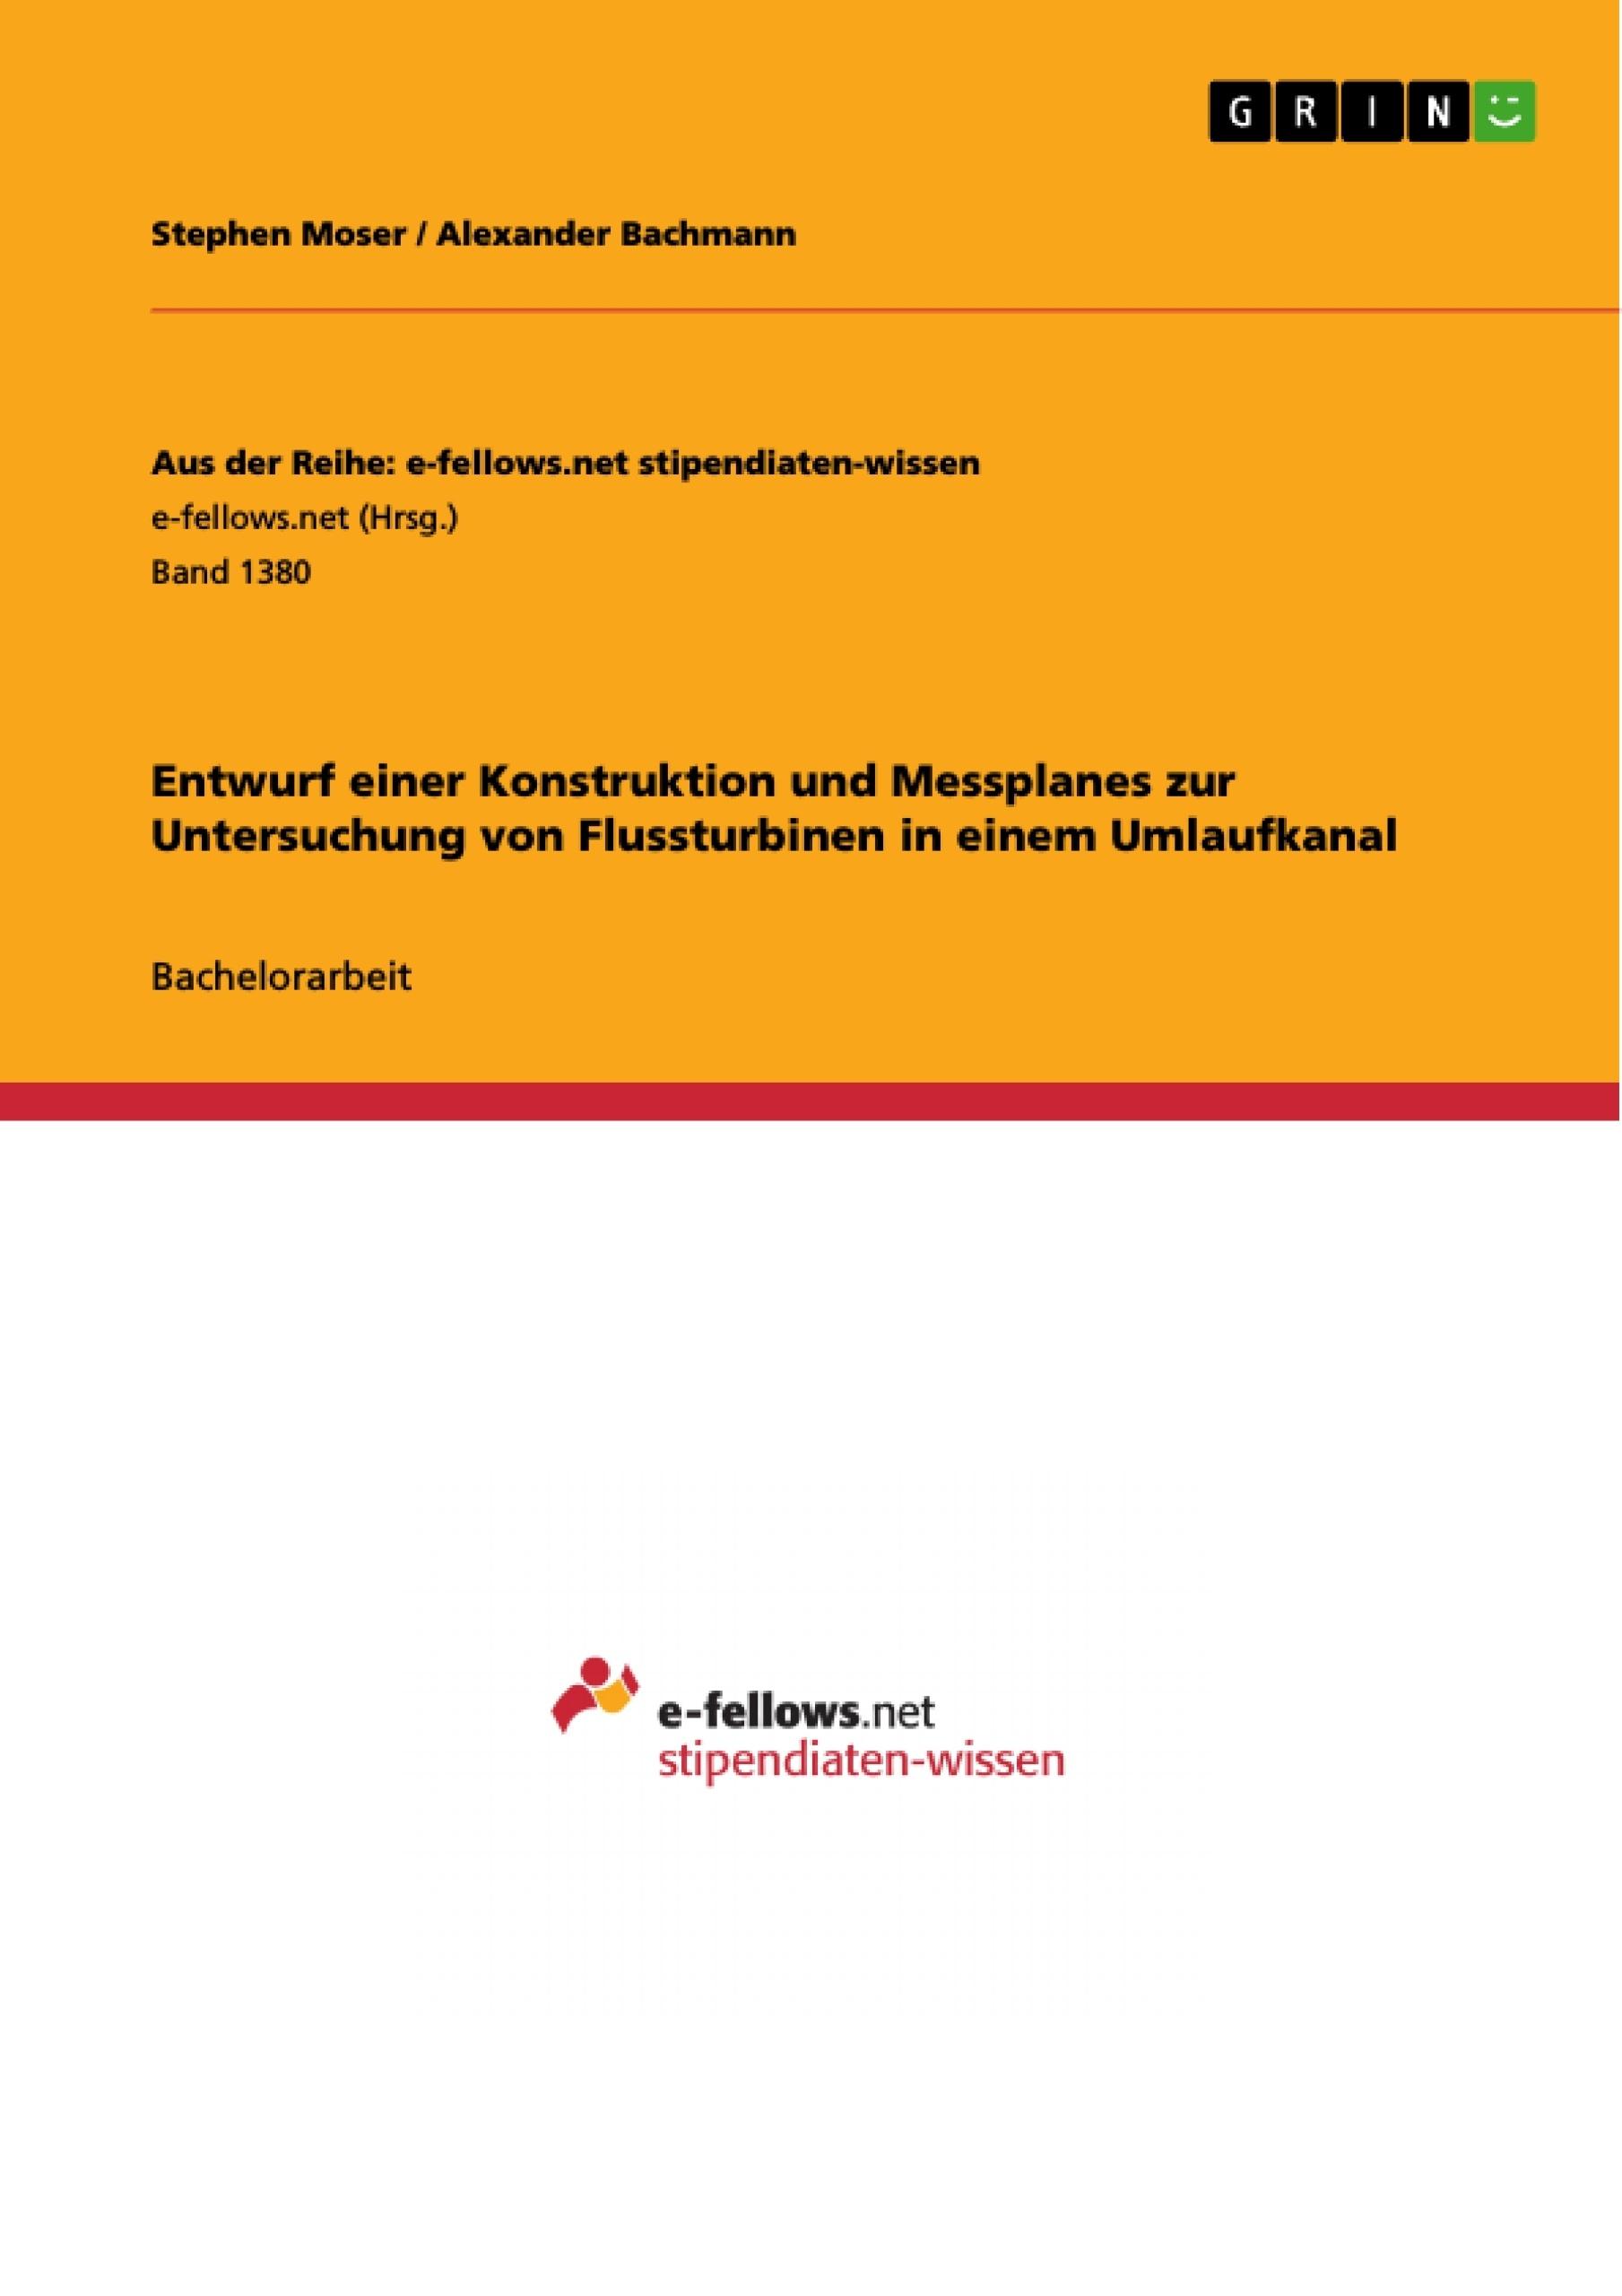 Titel: Entwurf einer Konstruktion und Messplanes zur Untersuchung von Flussturbinen in einem Umlaufkanal